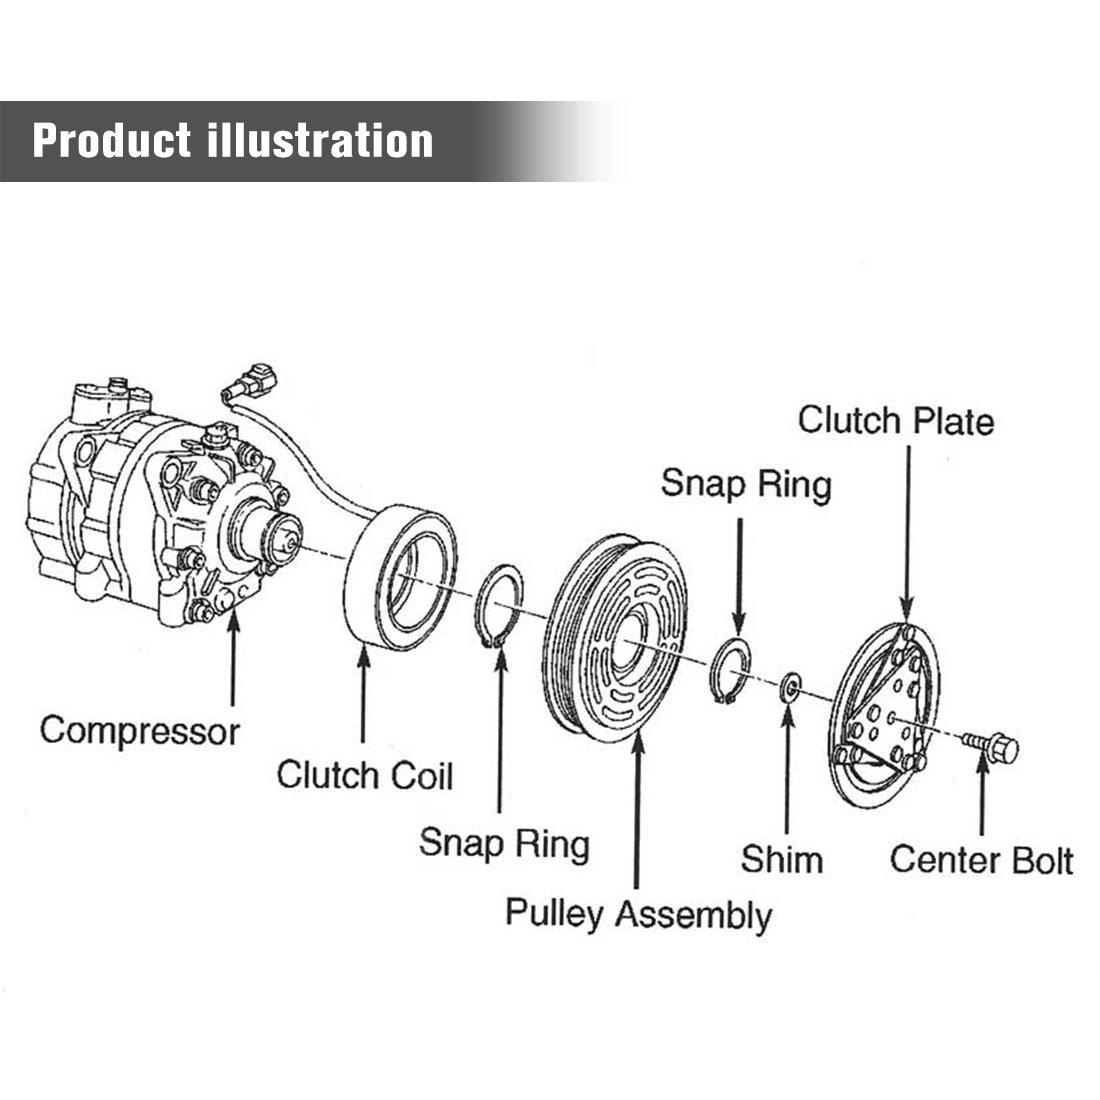 Amazon.com: AUTOSAVER88 A/C Compressor & Clutch for 2002-2003 Dodge Dakota, Durango, Ram1500, 2500, 3500 (V8 5.9L / V6 3.9L / V10 8.0L Engine): Automotive